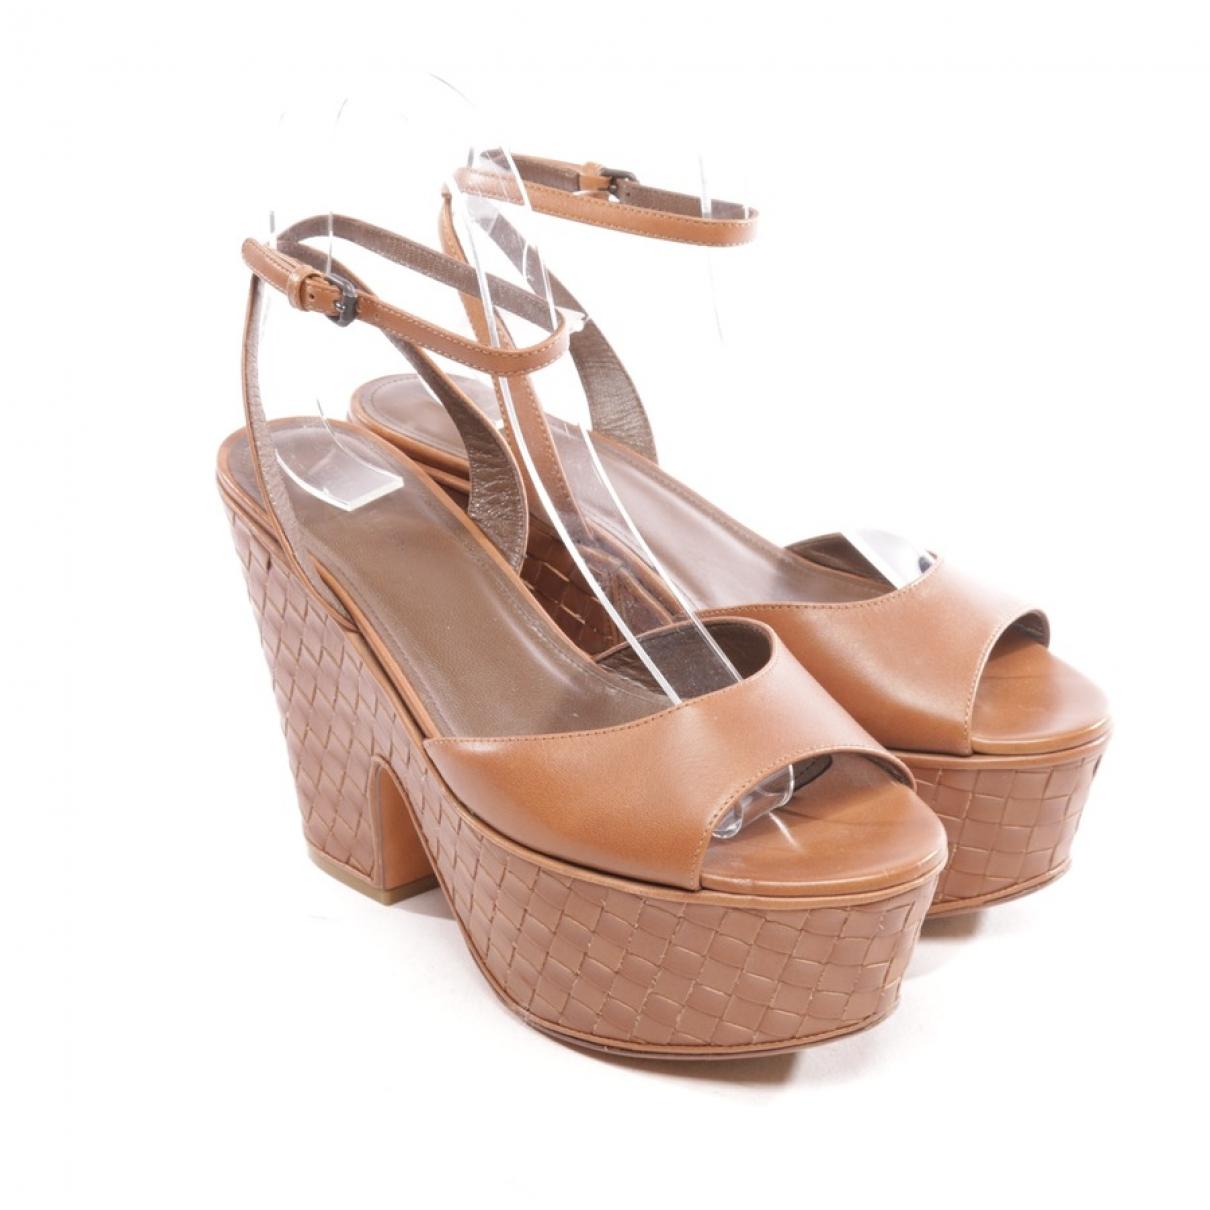 Bottega Veneta \N Brown Leather Sandals for Women 36.5 EU